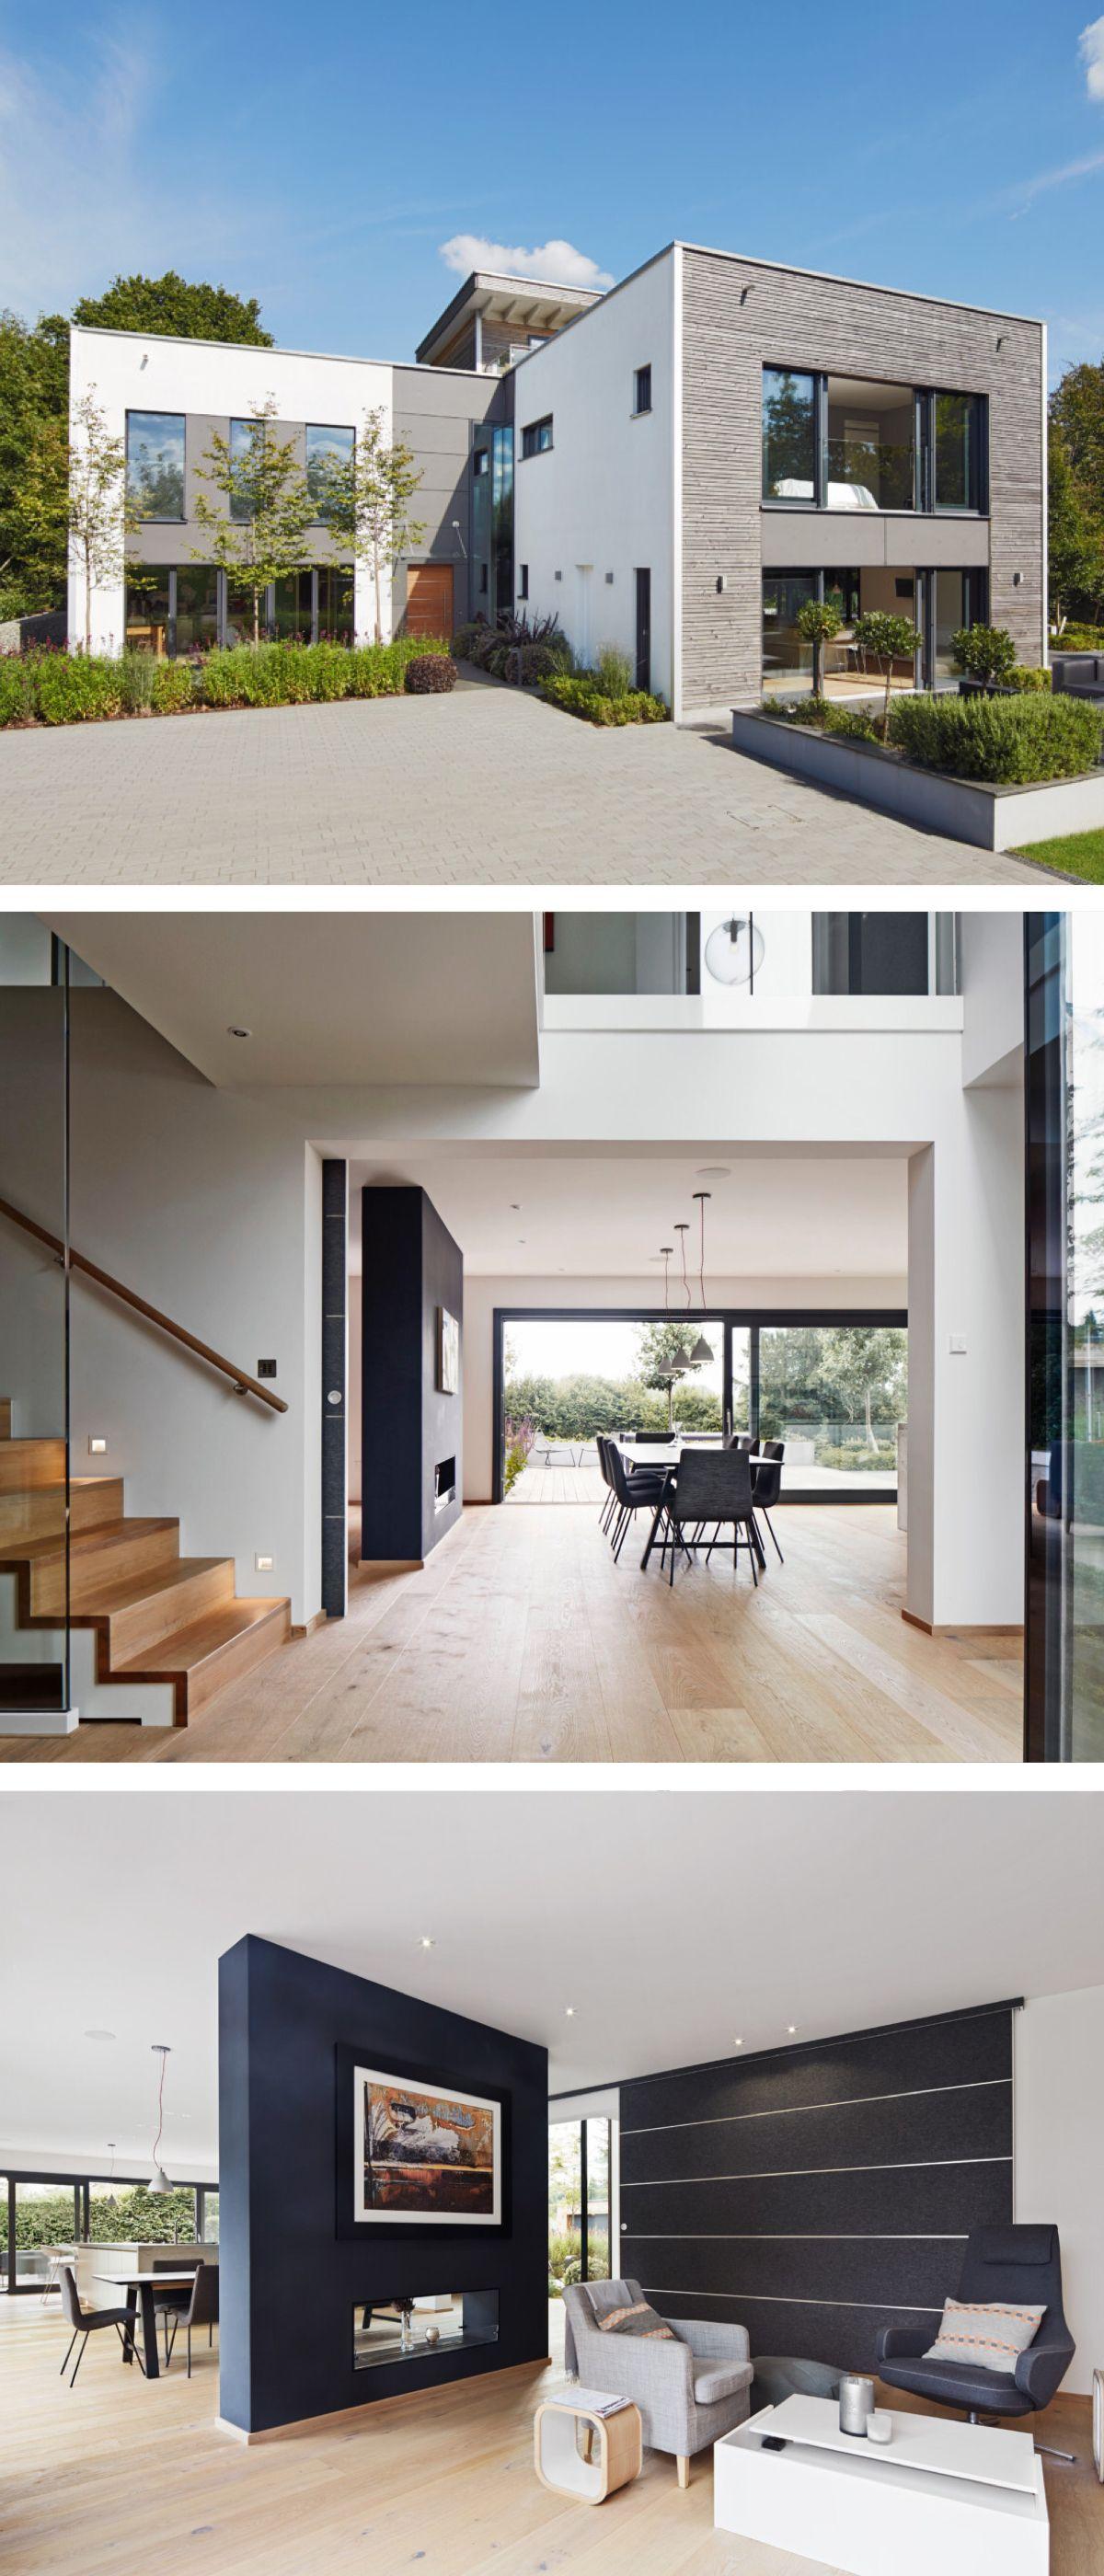 AuBergewohnlich Modernes Einfamilienhaus Mit Flachdach Architektur U0026 Galerie   Fertighaus  Bauen Ideen Design Haus Weald House Von